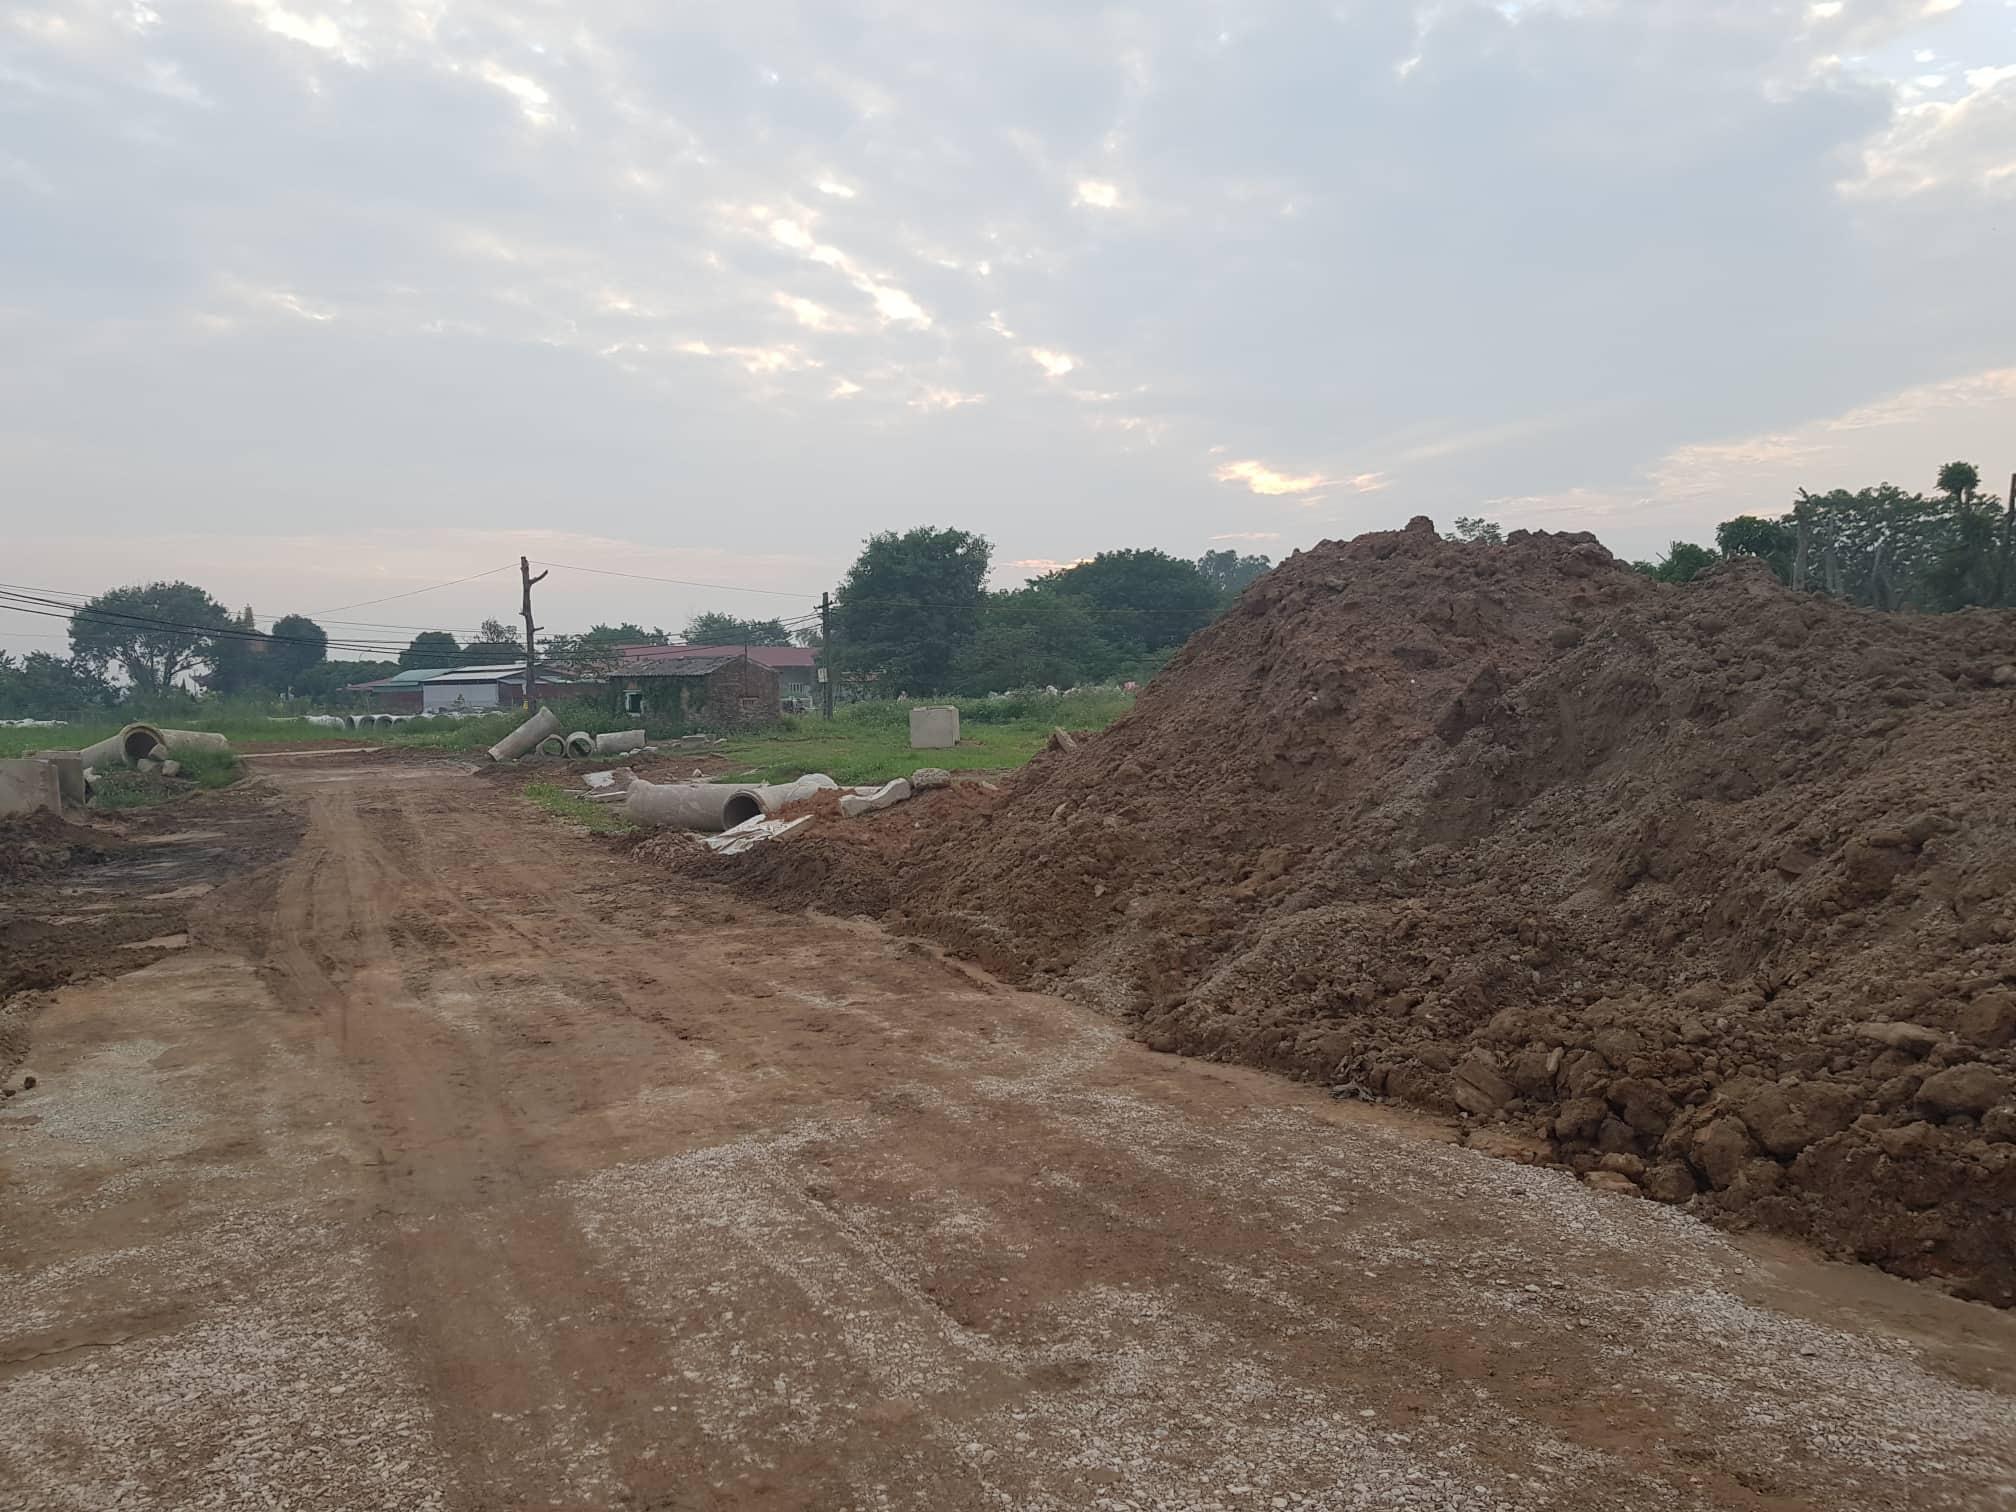 Dự án khu đô thị Trang Hạ - Từ Sơn: Một viễn cảnh đầy rủi ro - Ảnh 3